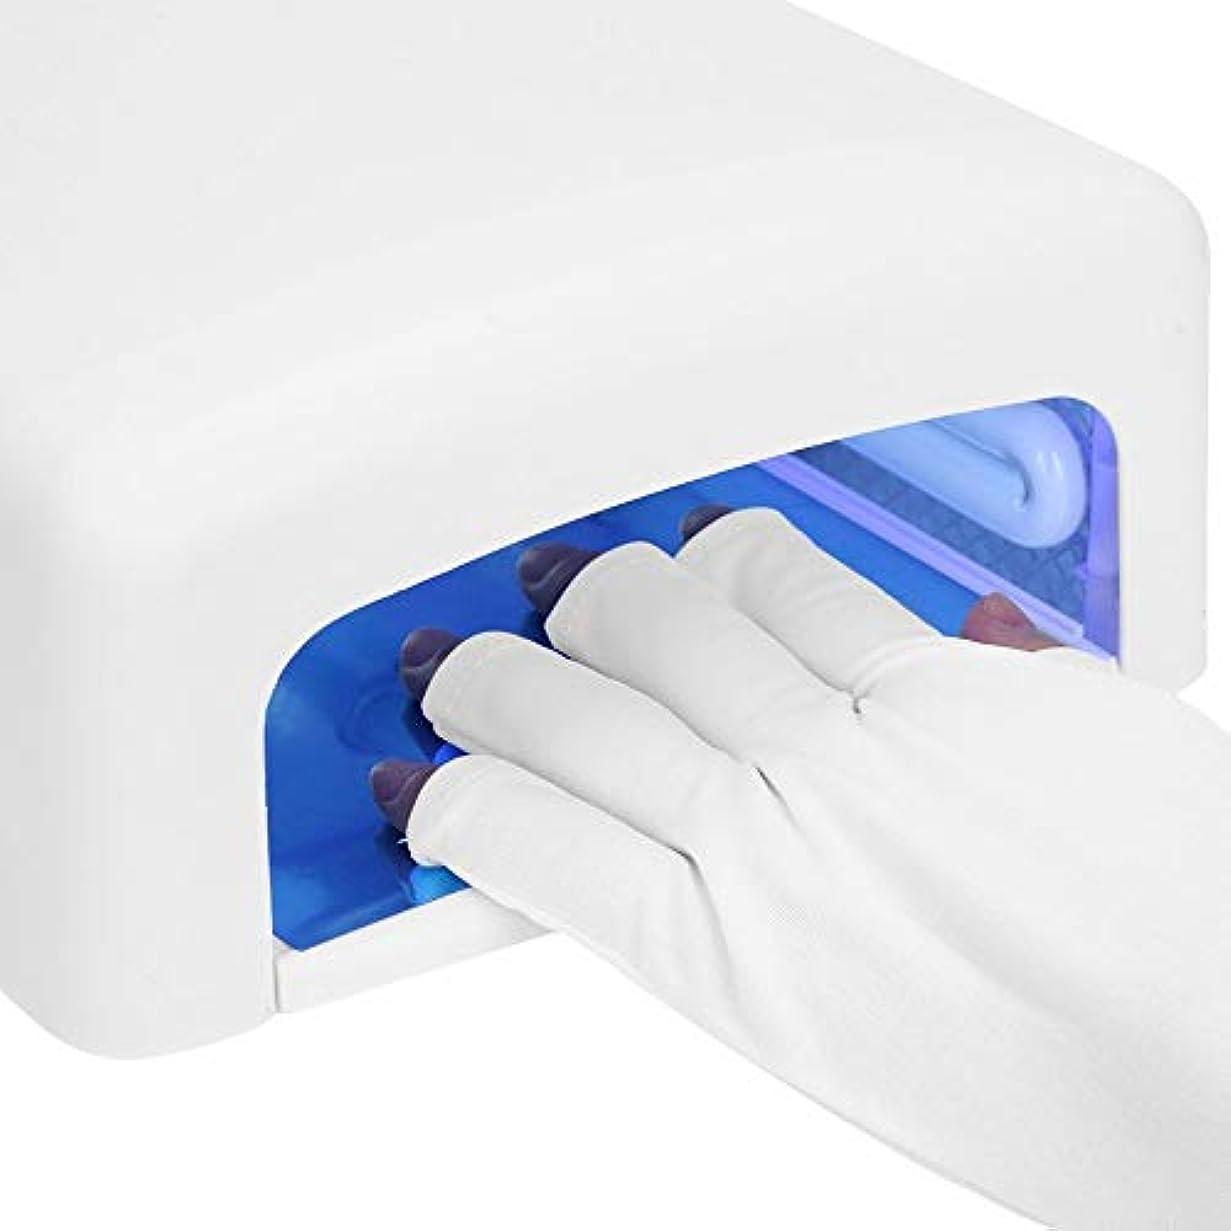 広い鹿遷移UV シールド手袋、ジェル ? ポリッシュの紫外線保護手袋、ゲル爪紫外線乾燥硬化ランプ UV 爪ランプ